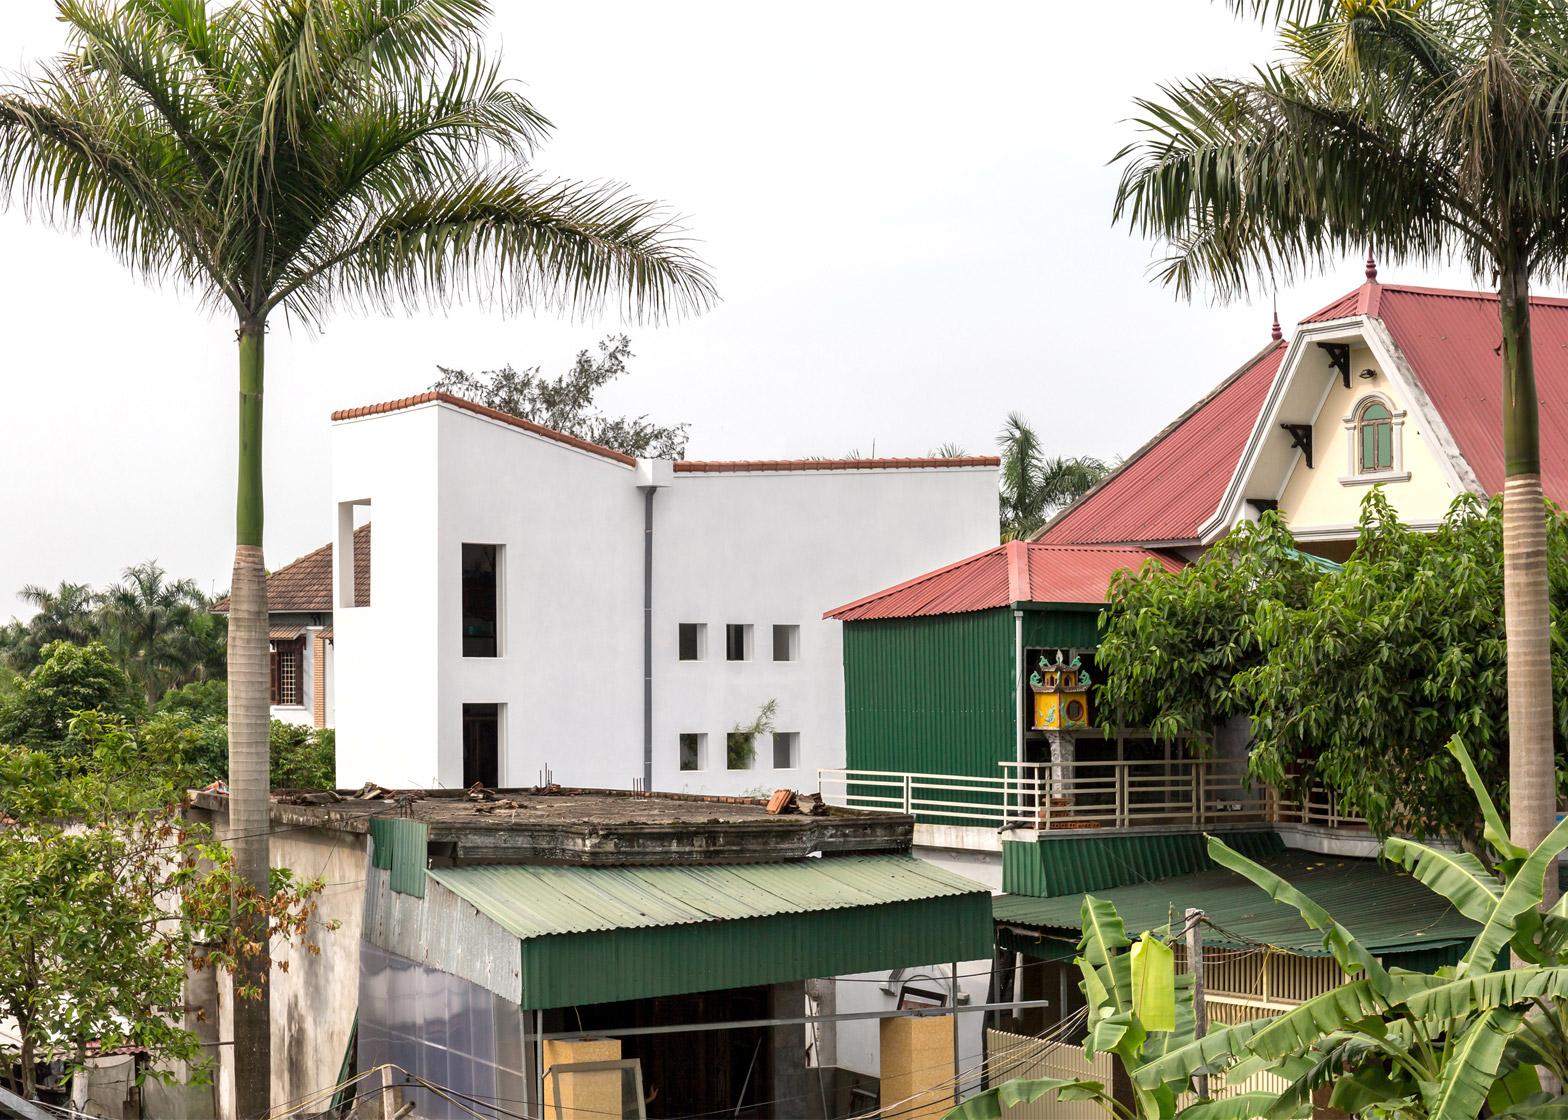 Узкий бетонный дом во Вьетнаме